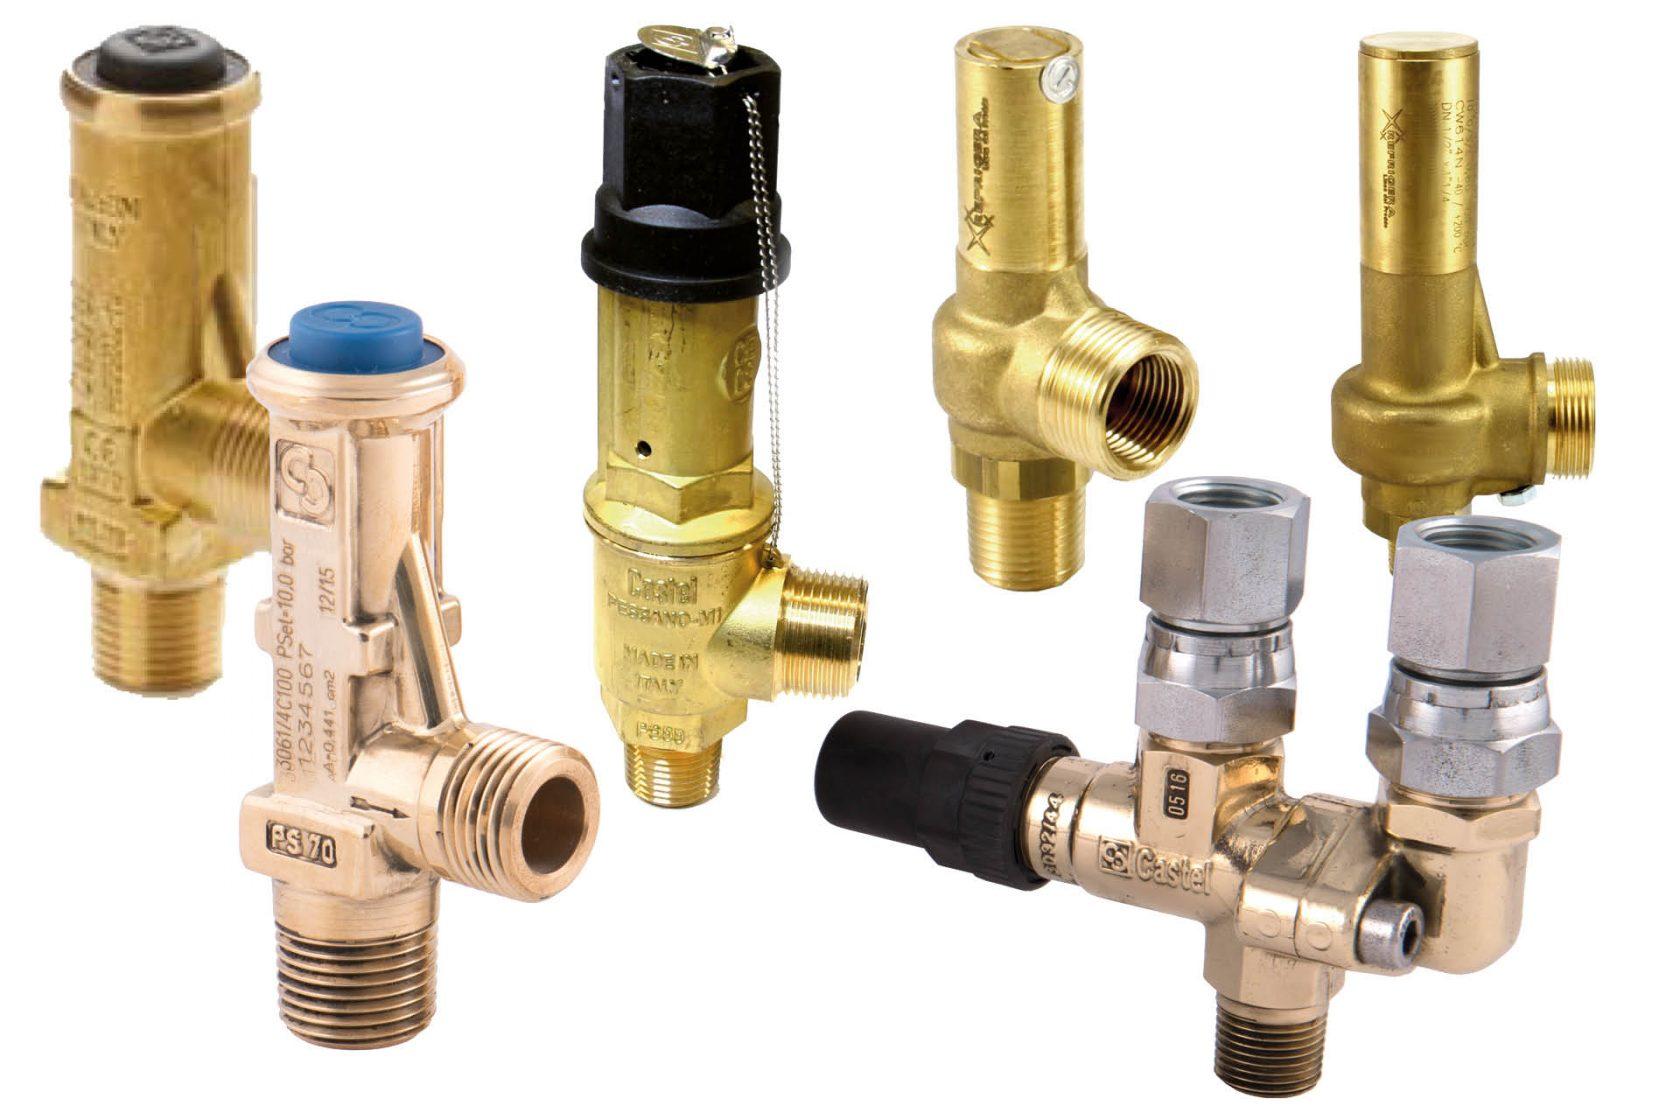 Overdrukventielen en afblaasventielen van Castel en Refrigera zorgen voor een optimale bescherming van uw installatie en componenten tegen te hoge drukken